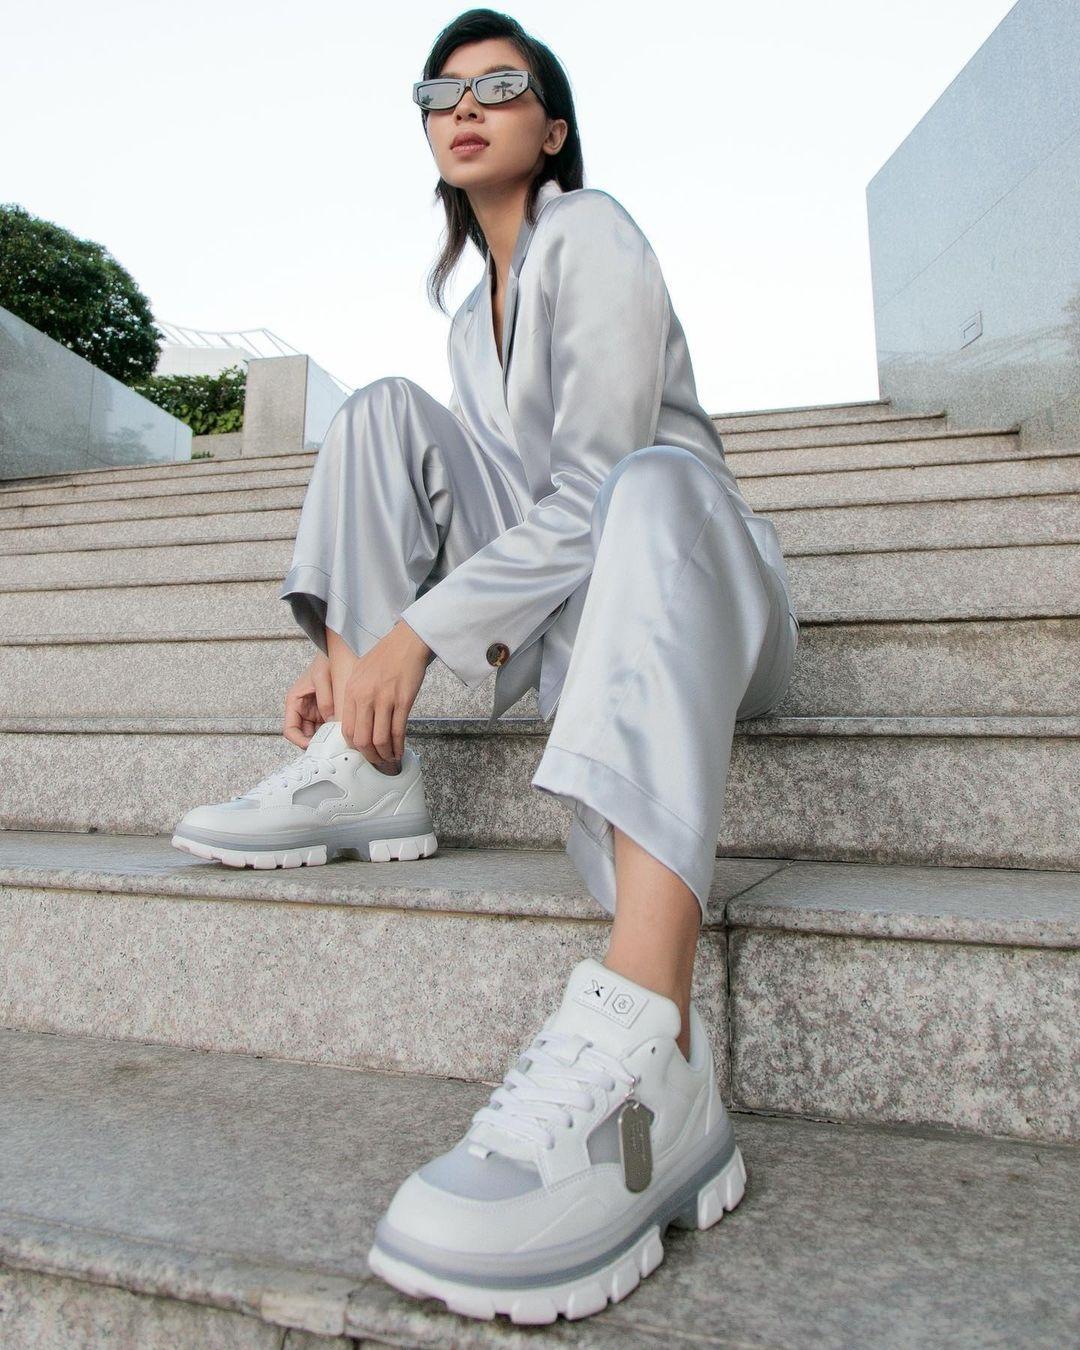 NTK Công Trí bắt tay Bitis Hunter tạo siêu phẩm sneaker mới, có gì hot mà netizen phát cuồng hết cả lên? - Ảnh 5.